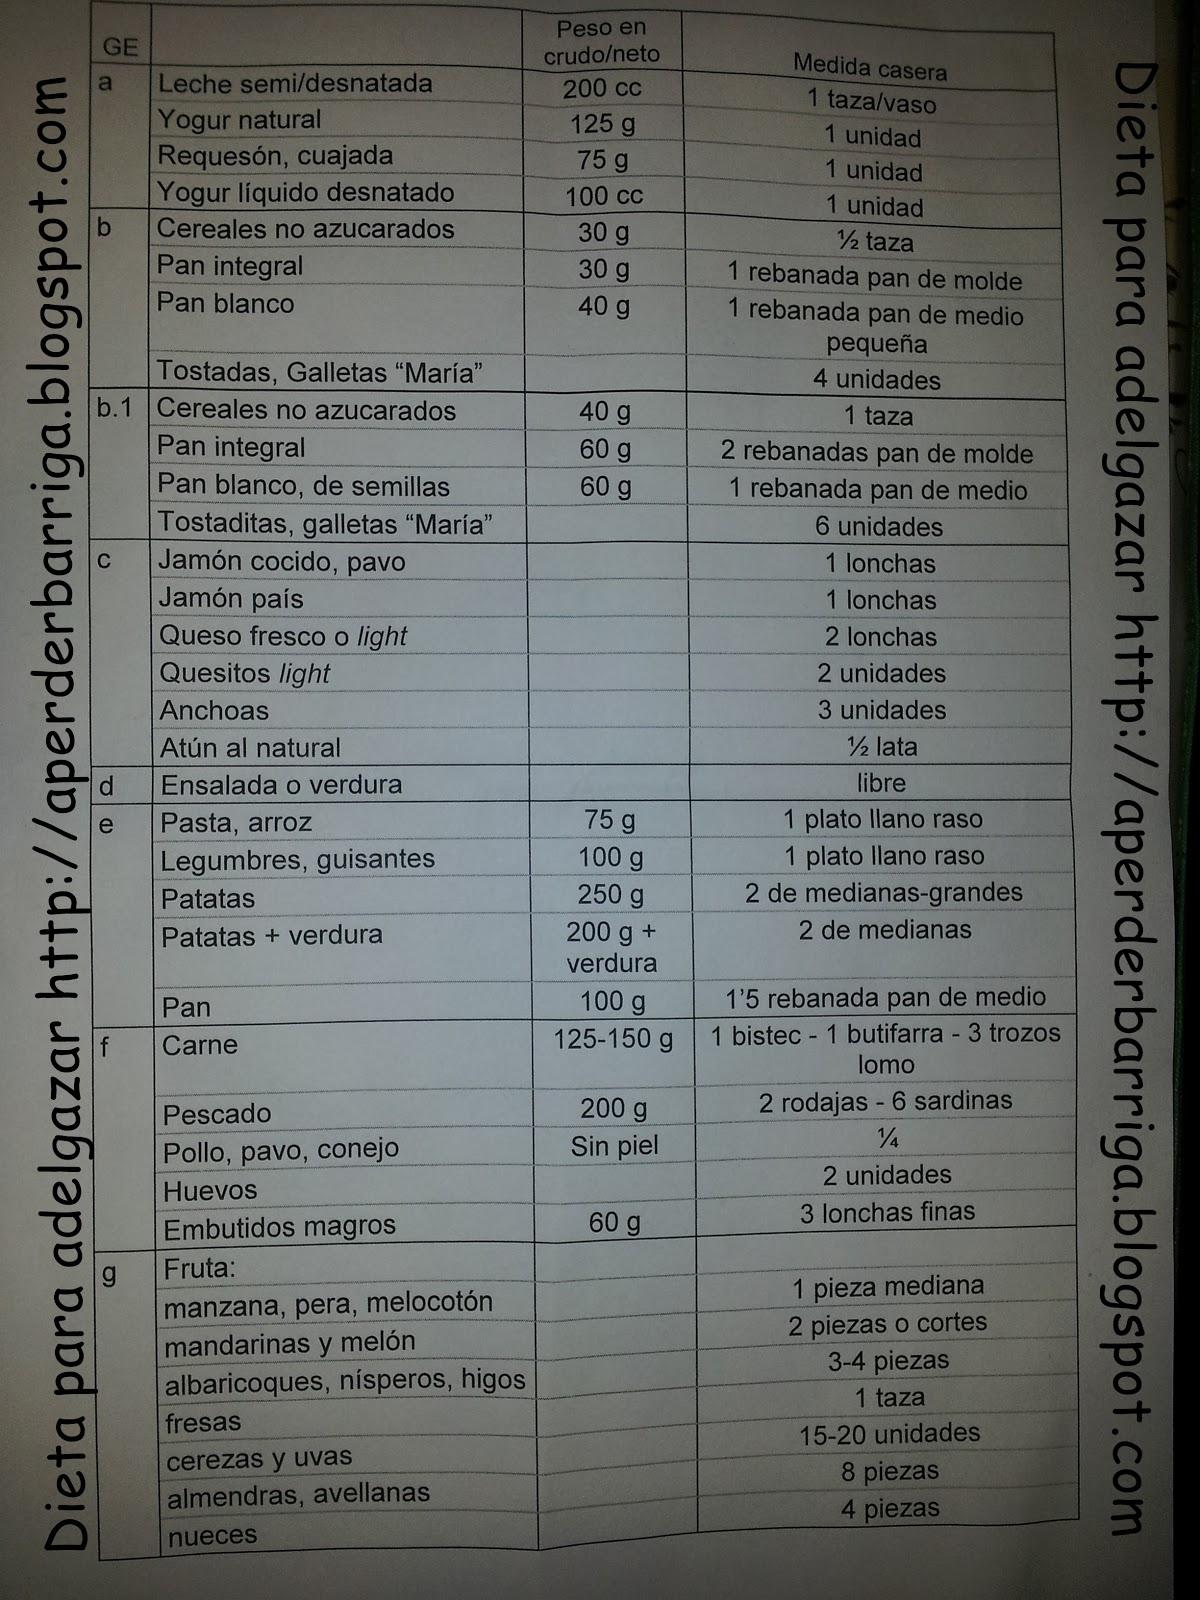 suplemento dietario para adelgazar cormillot hijo